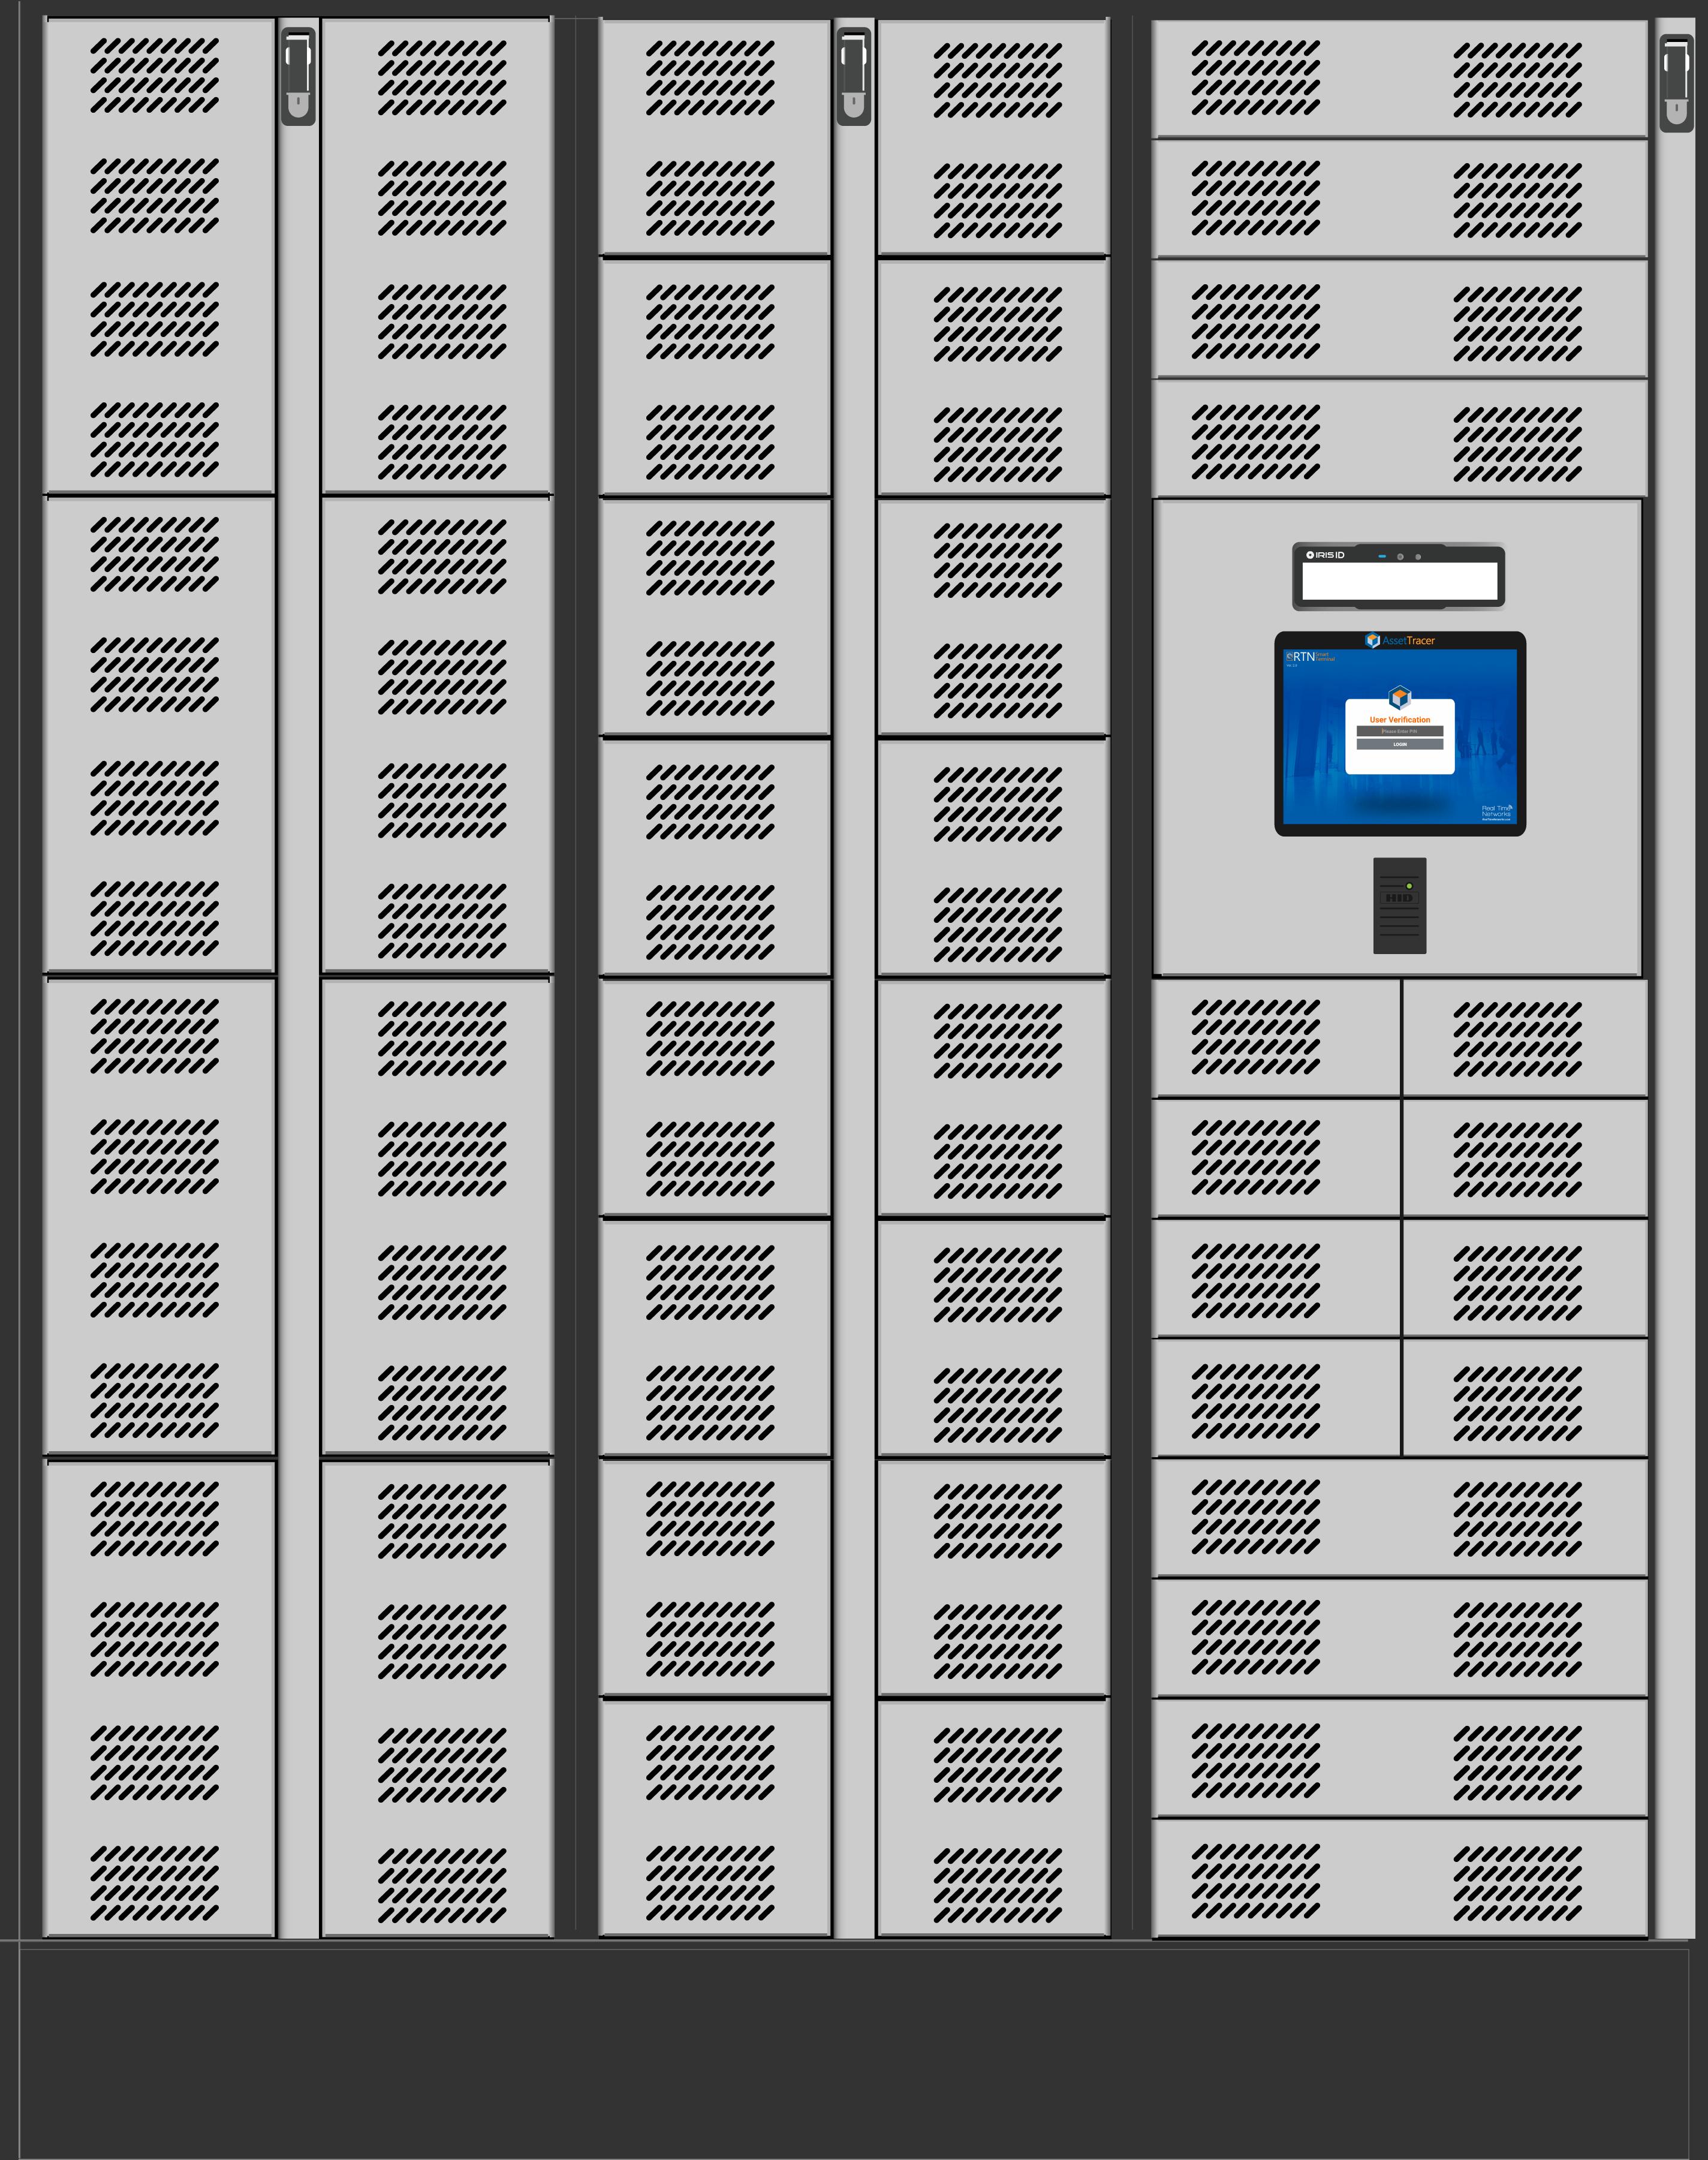 Locker-3-x-4.png